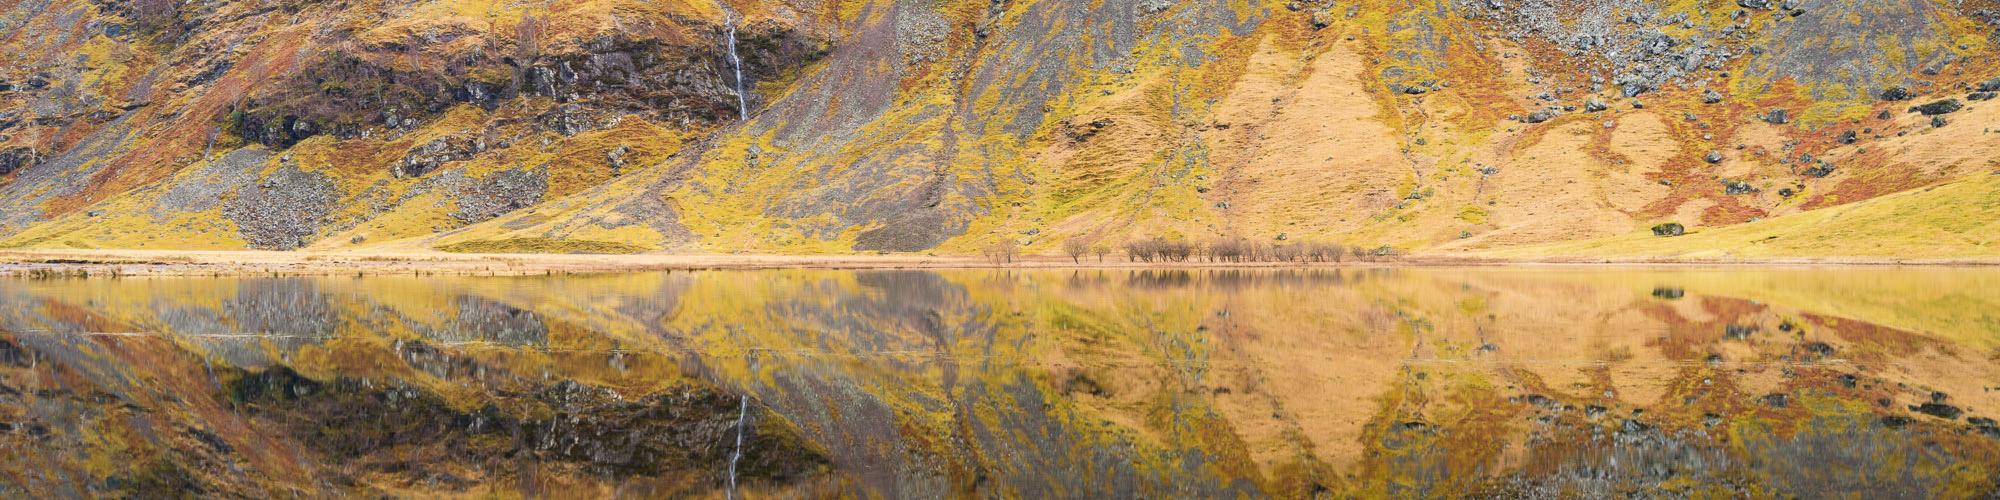 ©Wilco Dragt - Glencoe - Schotland